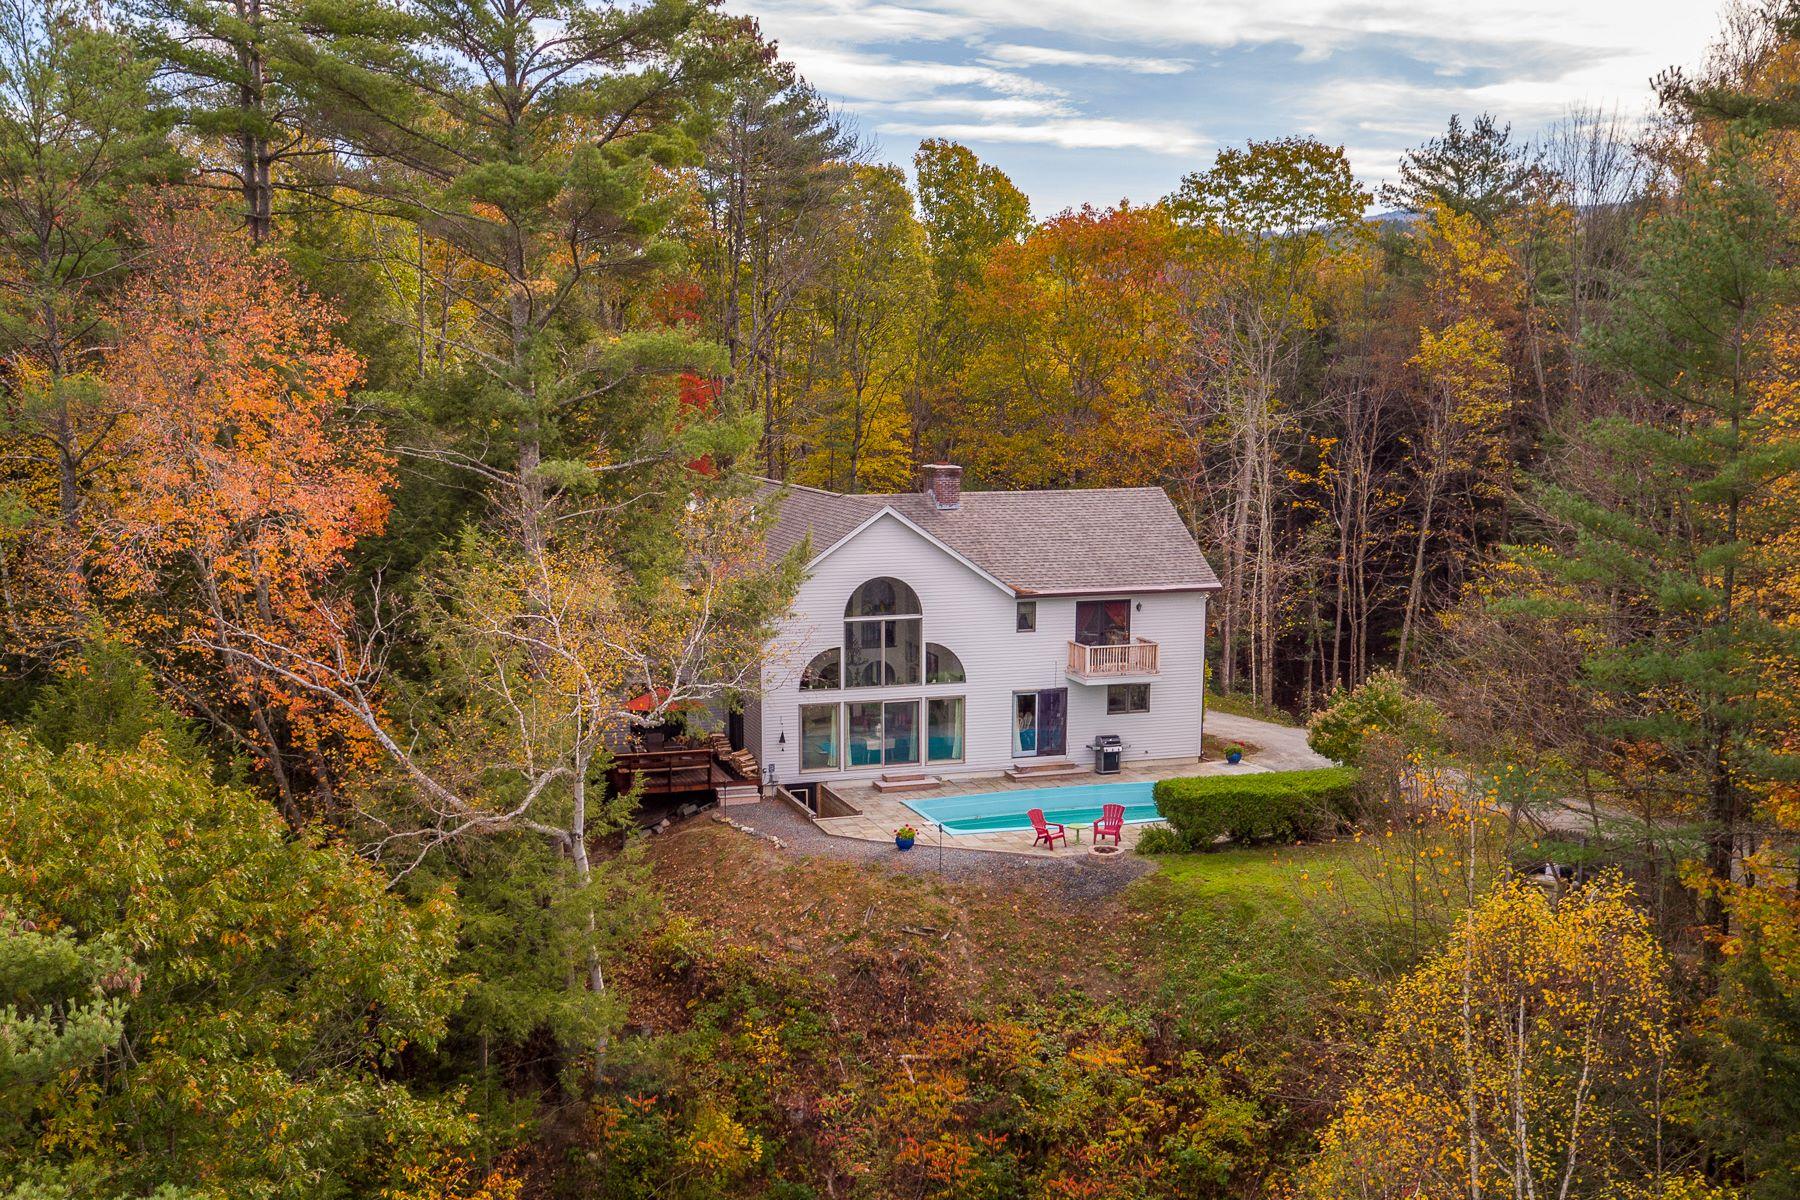 Maison unifamiliale pour l Vente à Contemporary with River Views 6 Grant, Hanover, New Hampshire, 03755 États-Unis